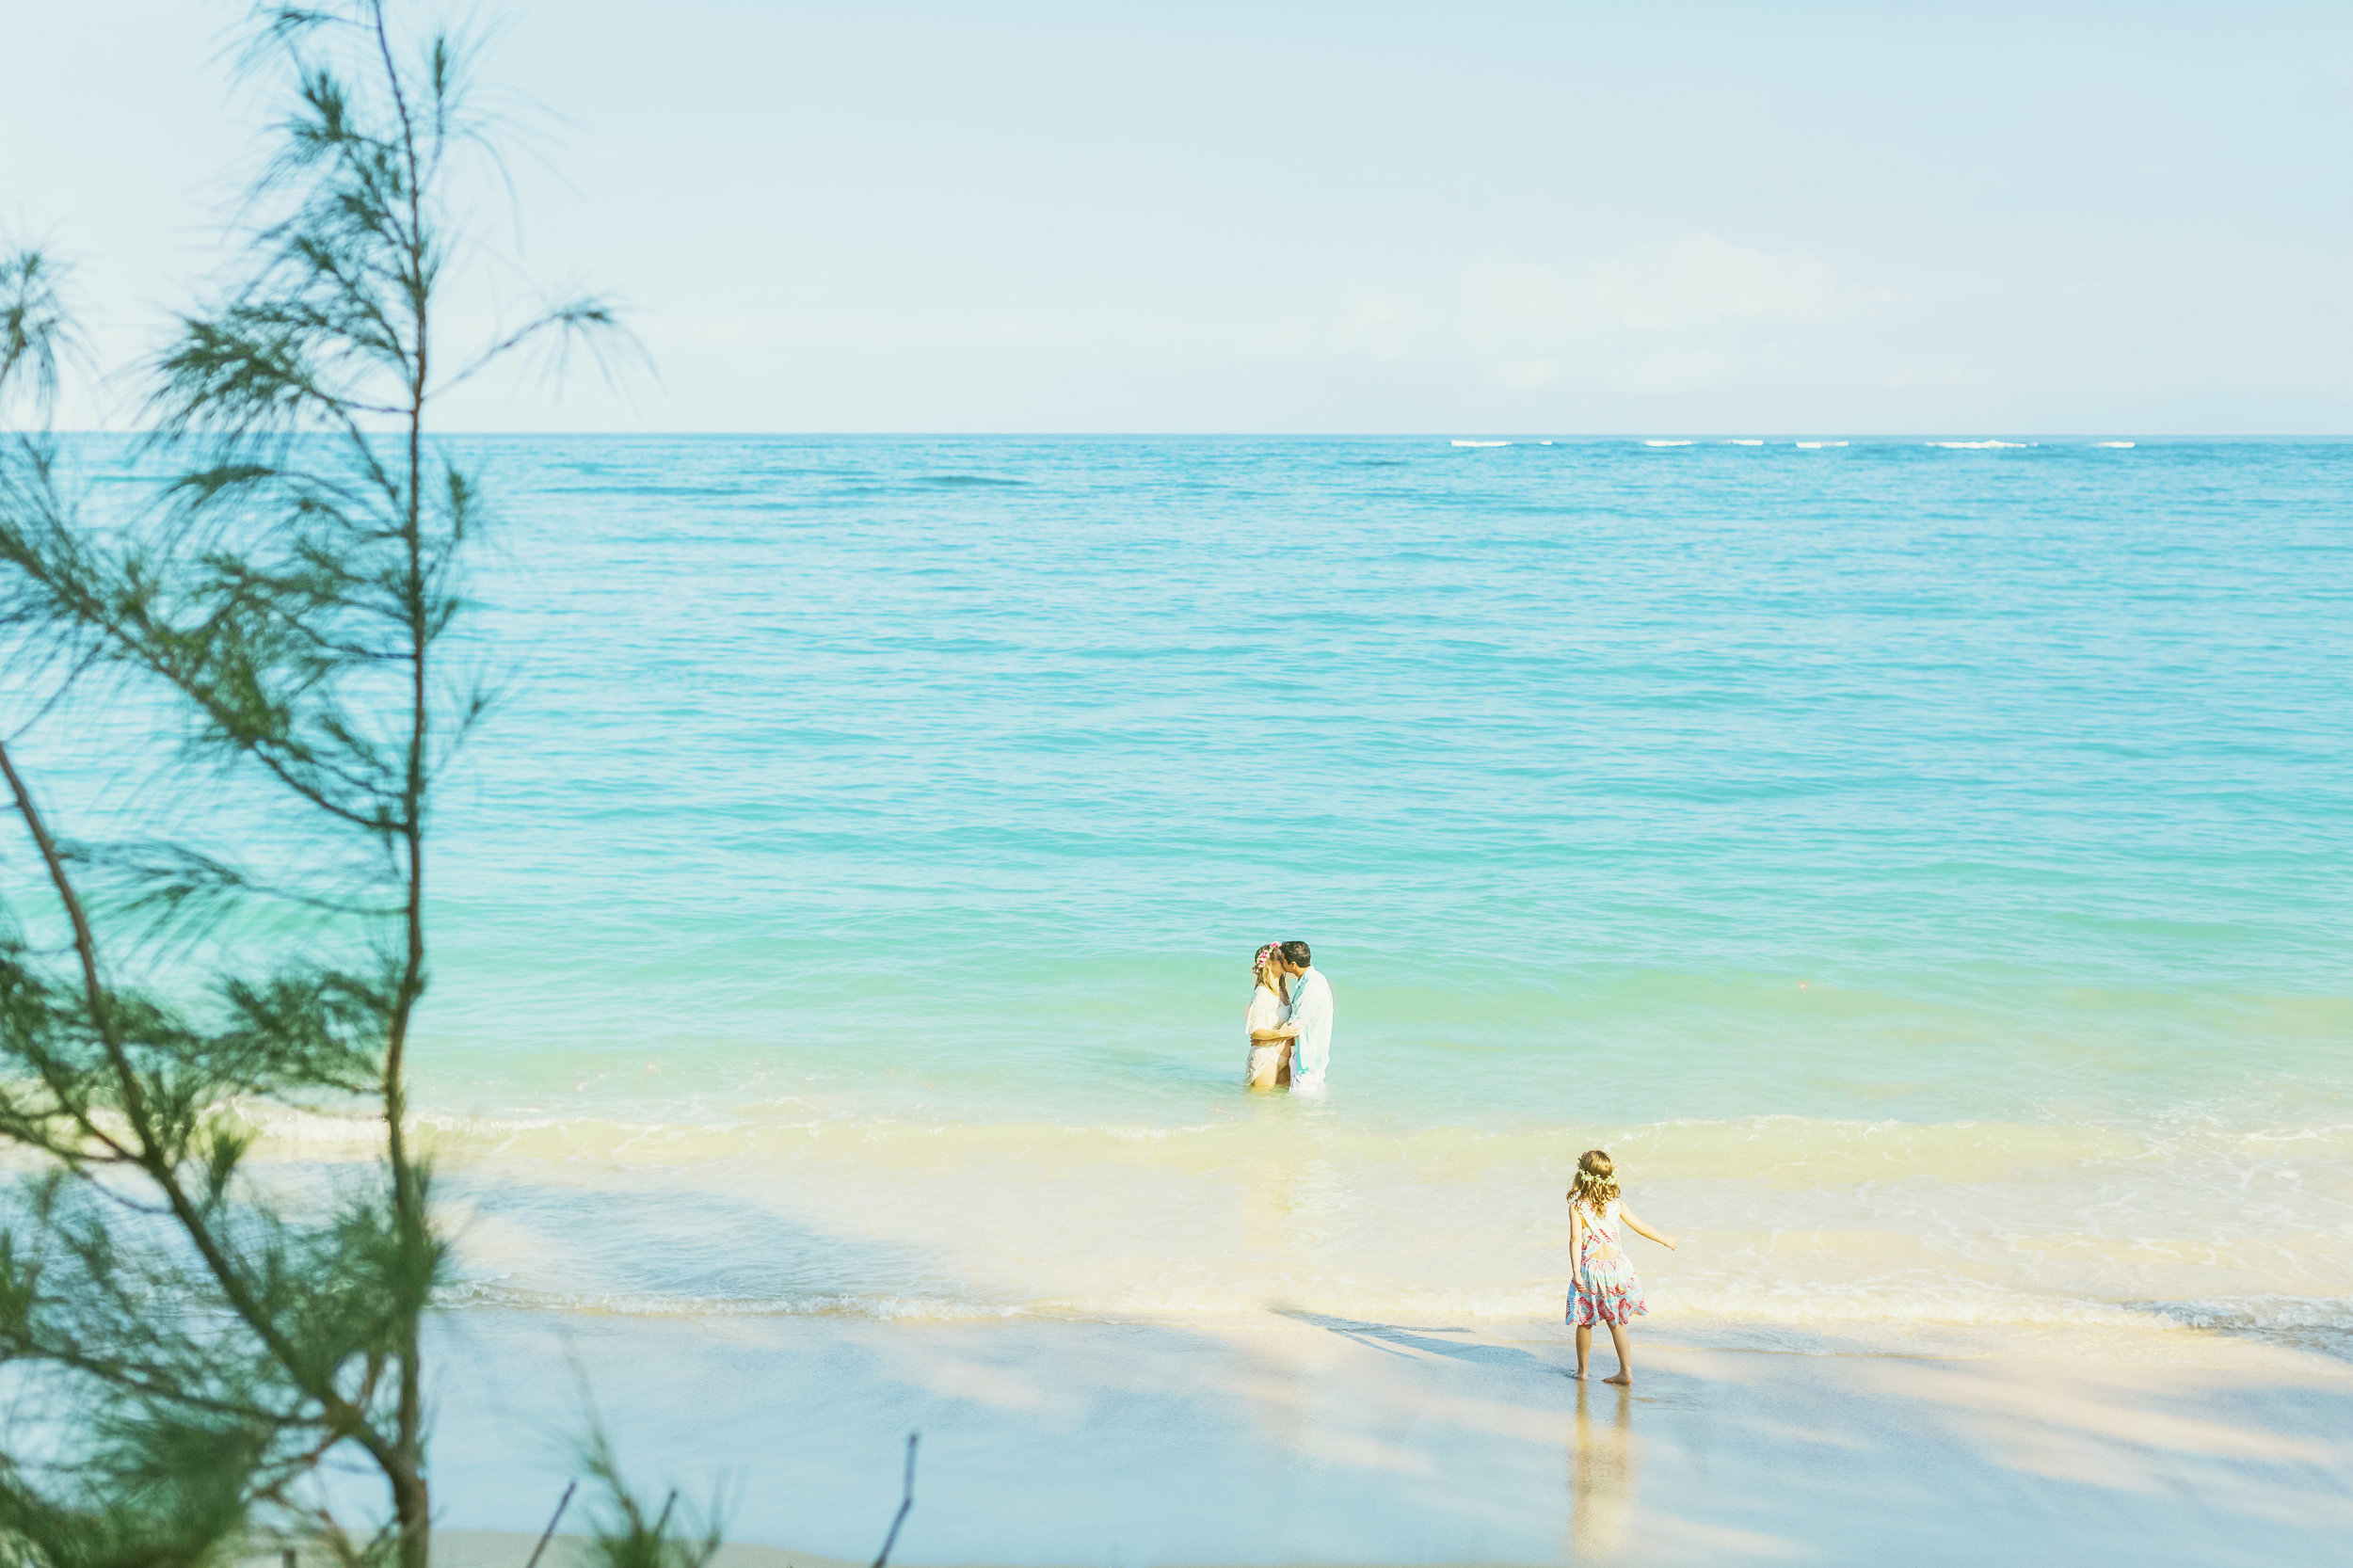 angie-diaz-photography-maui-family-maternity-kanaha-beach-20.jpeg